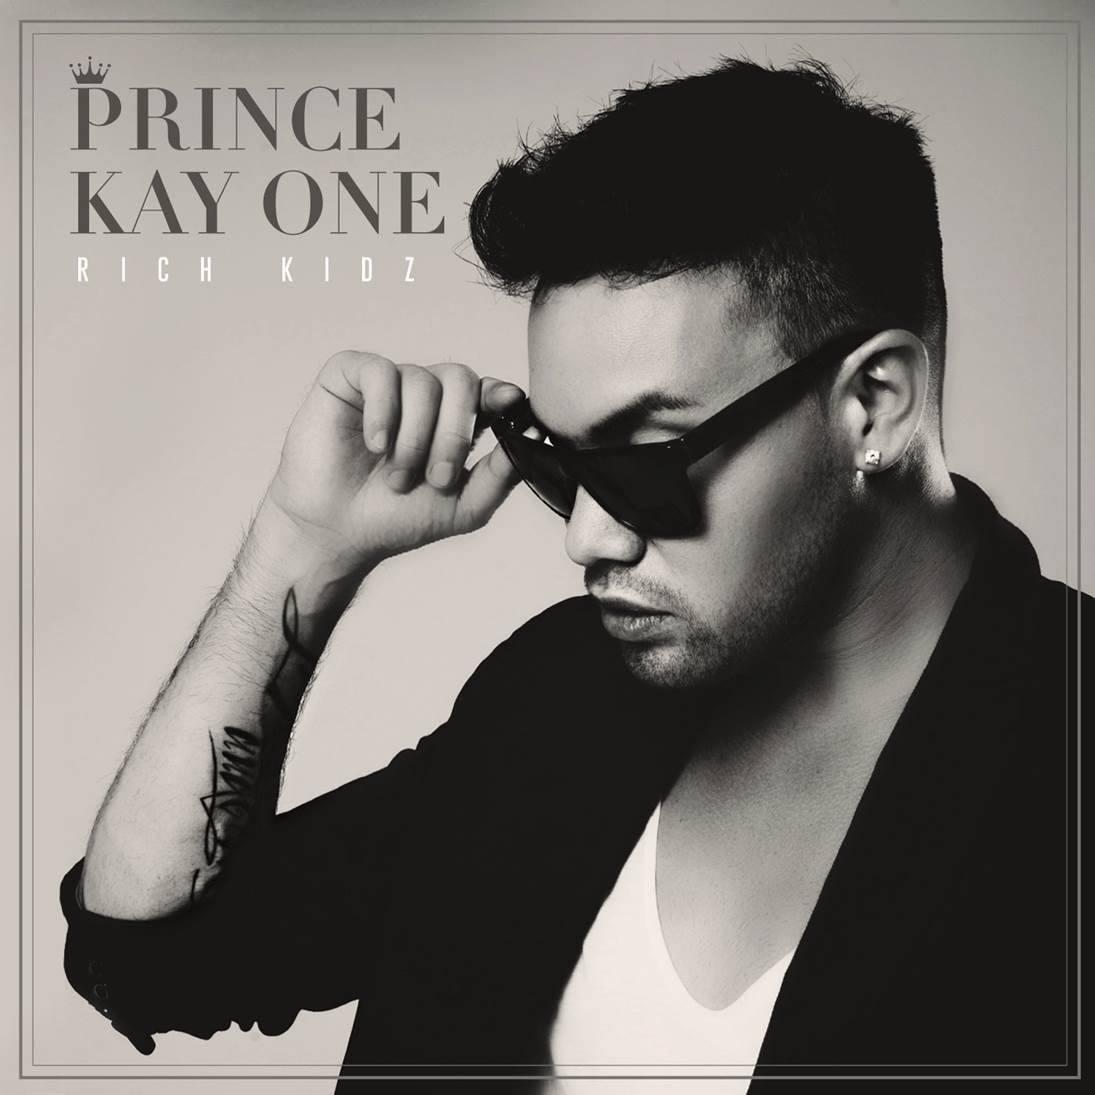 Prince Kay One Vermögen Wie Viel Geld Hat Er 2019 Wirklich